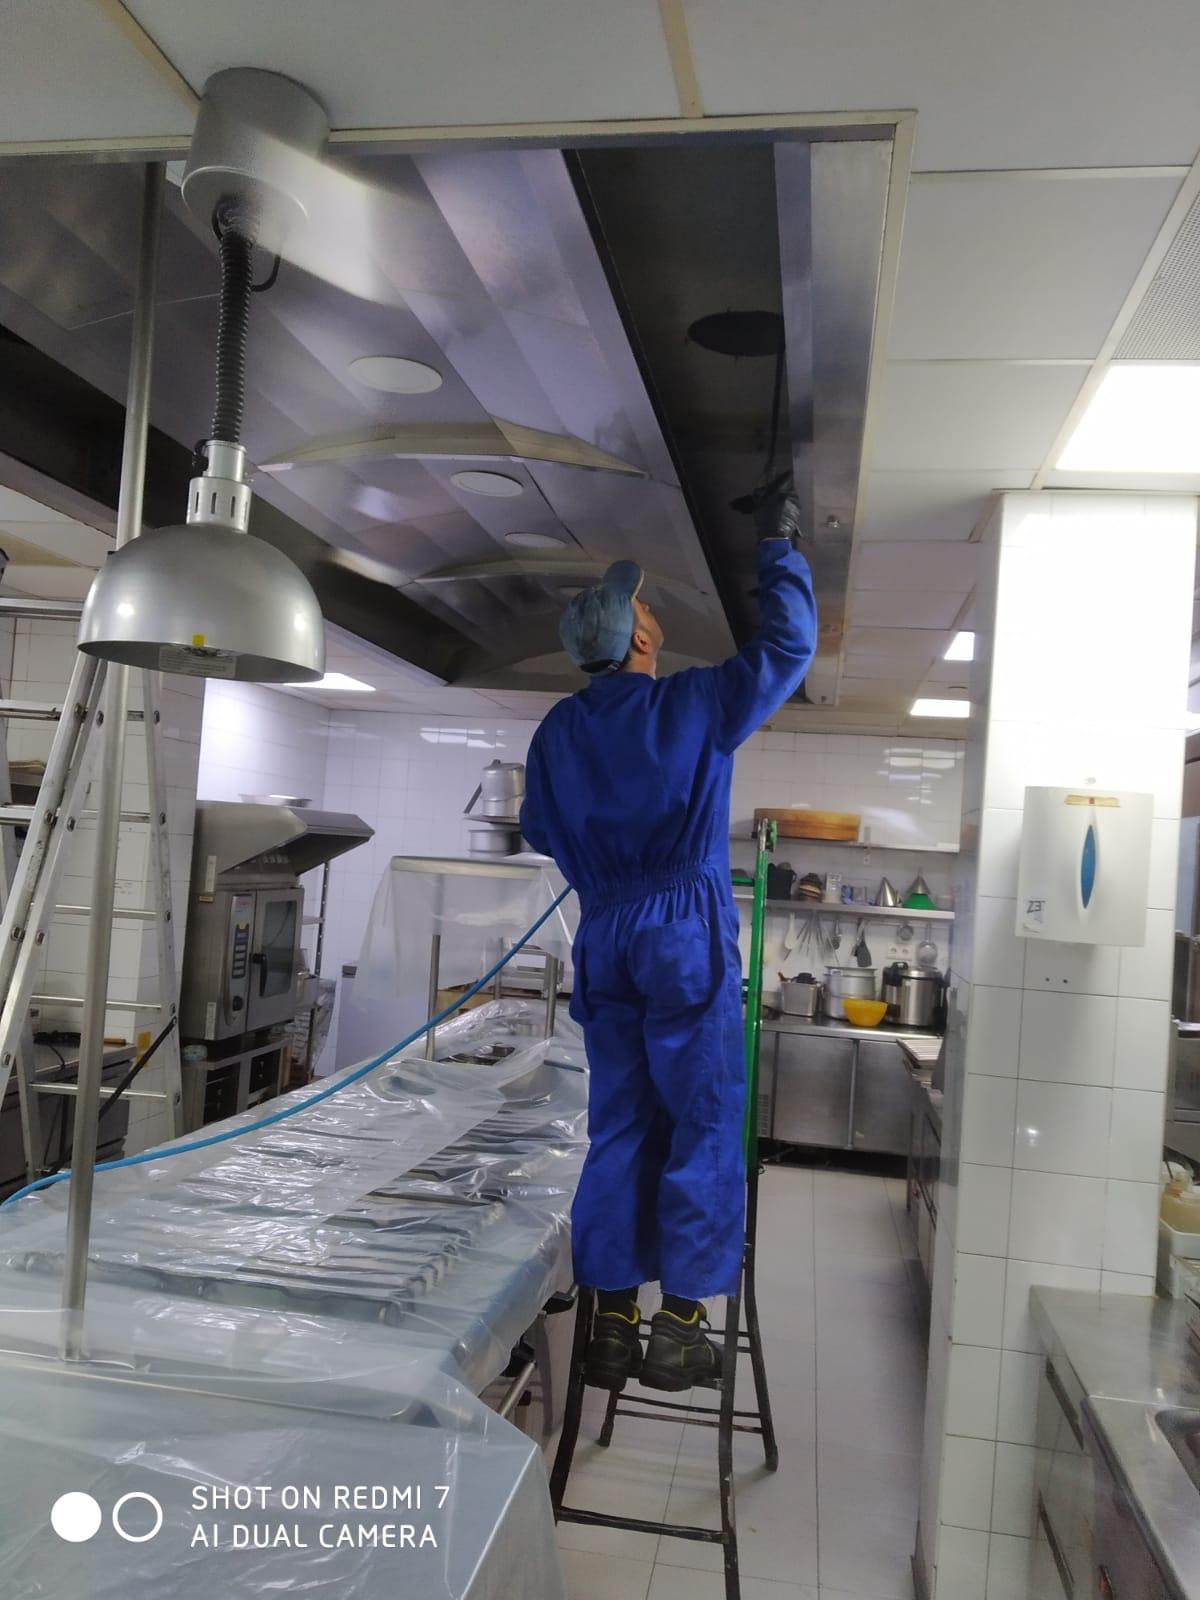 Limpieza de campana – Preparación antes del servicio